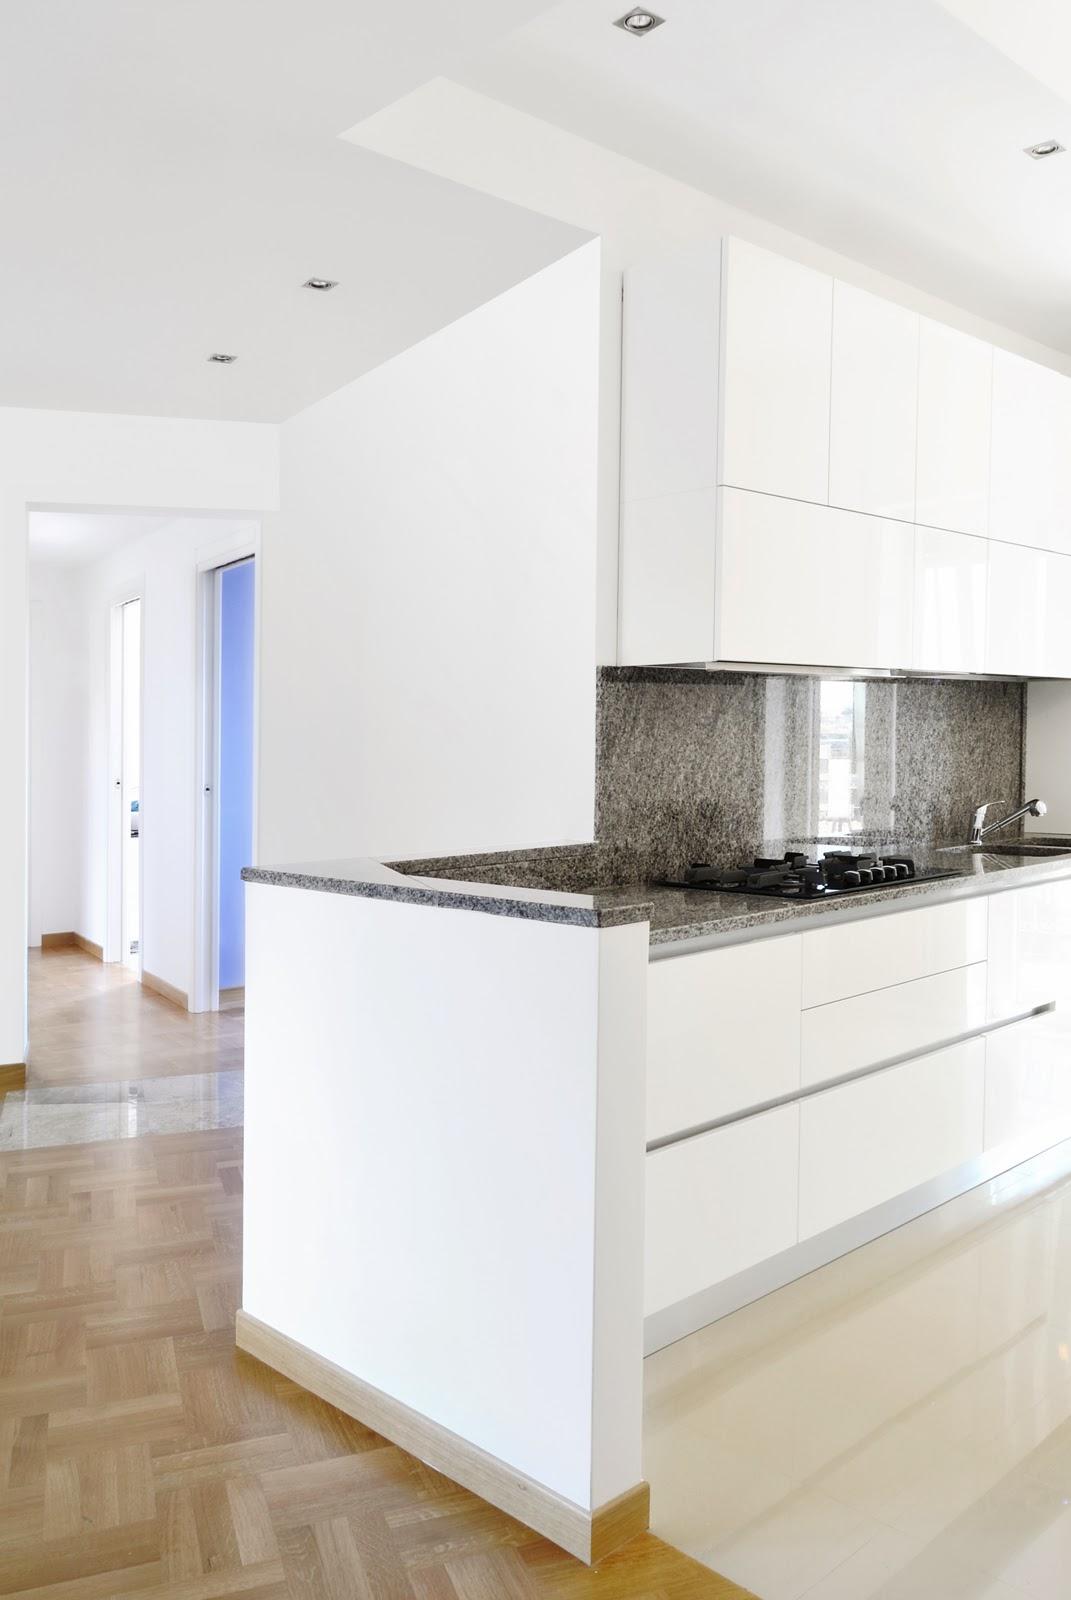 Casa tiburtina legno marmo e cemento a colloquio for Piastrelle bianche marmo